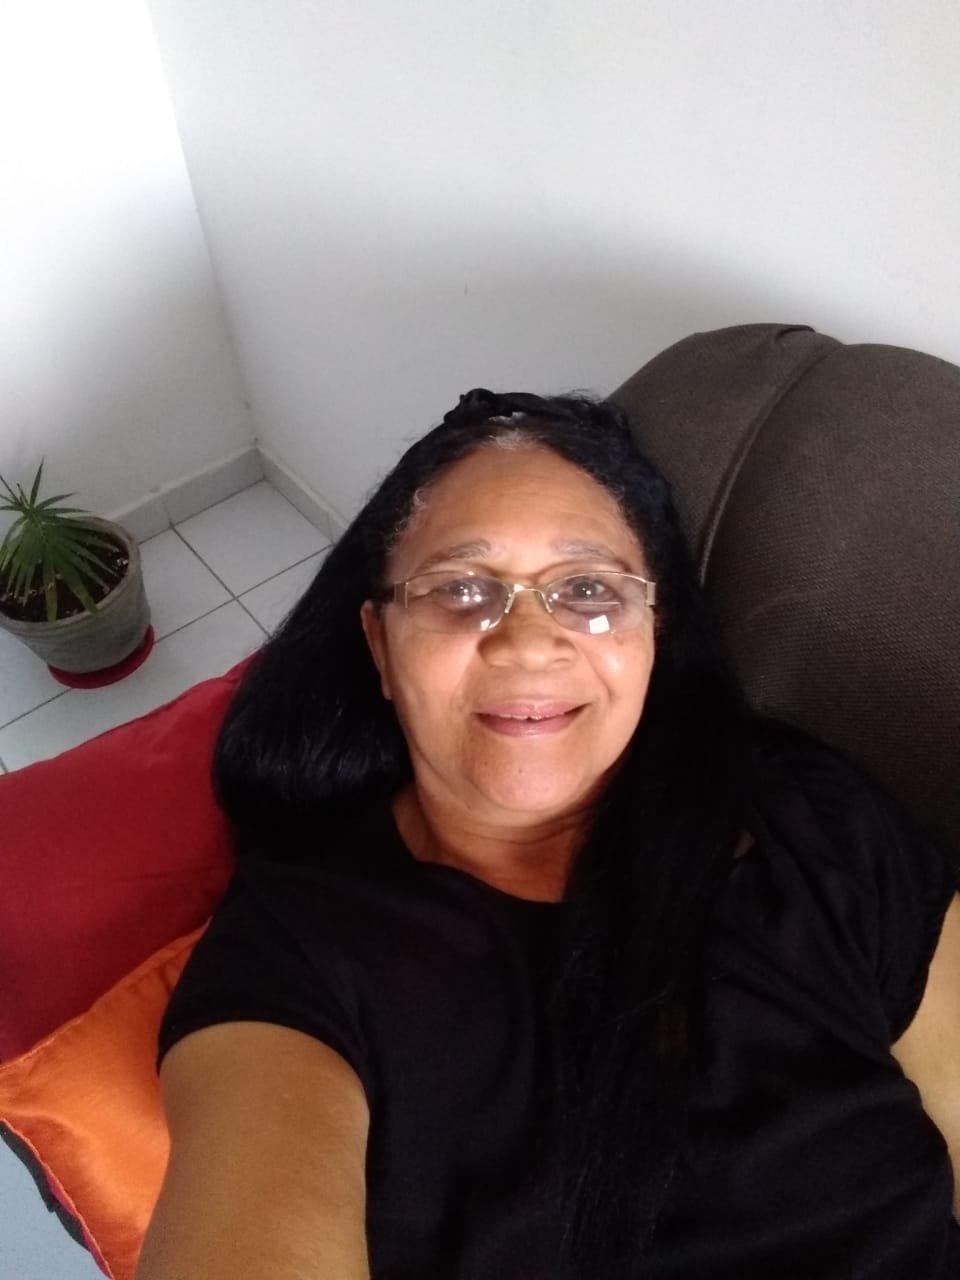 Francisca Juvêncio Silva, 62